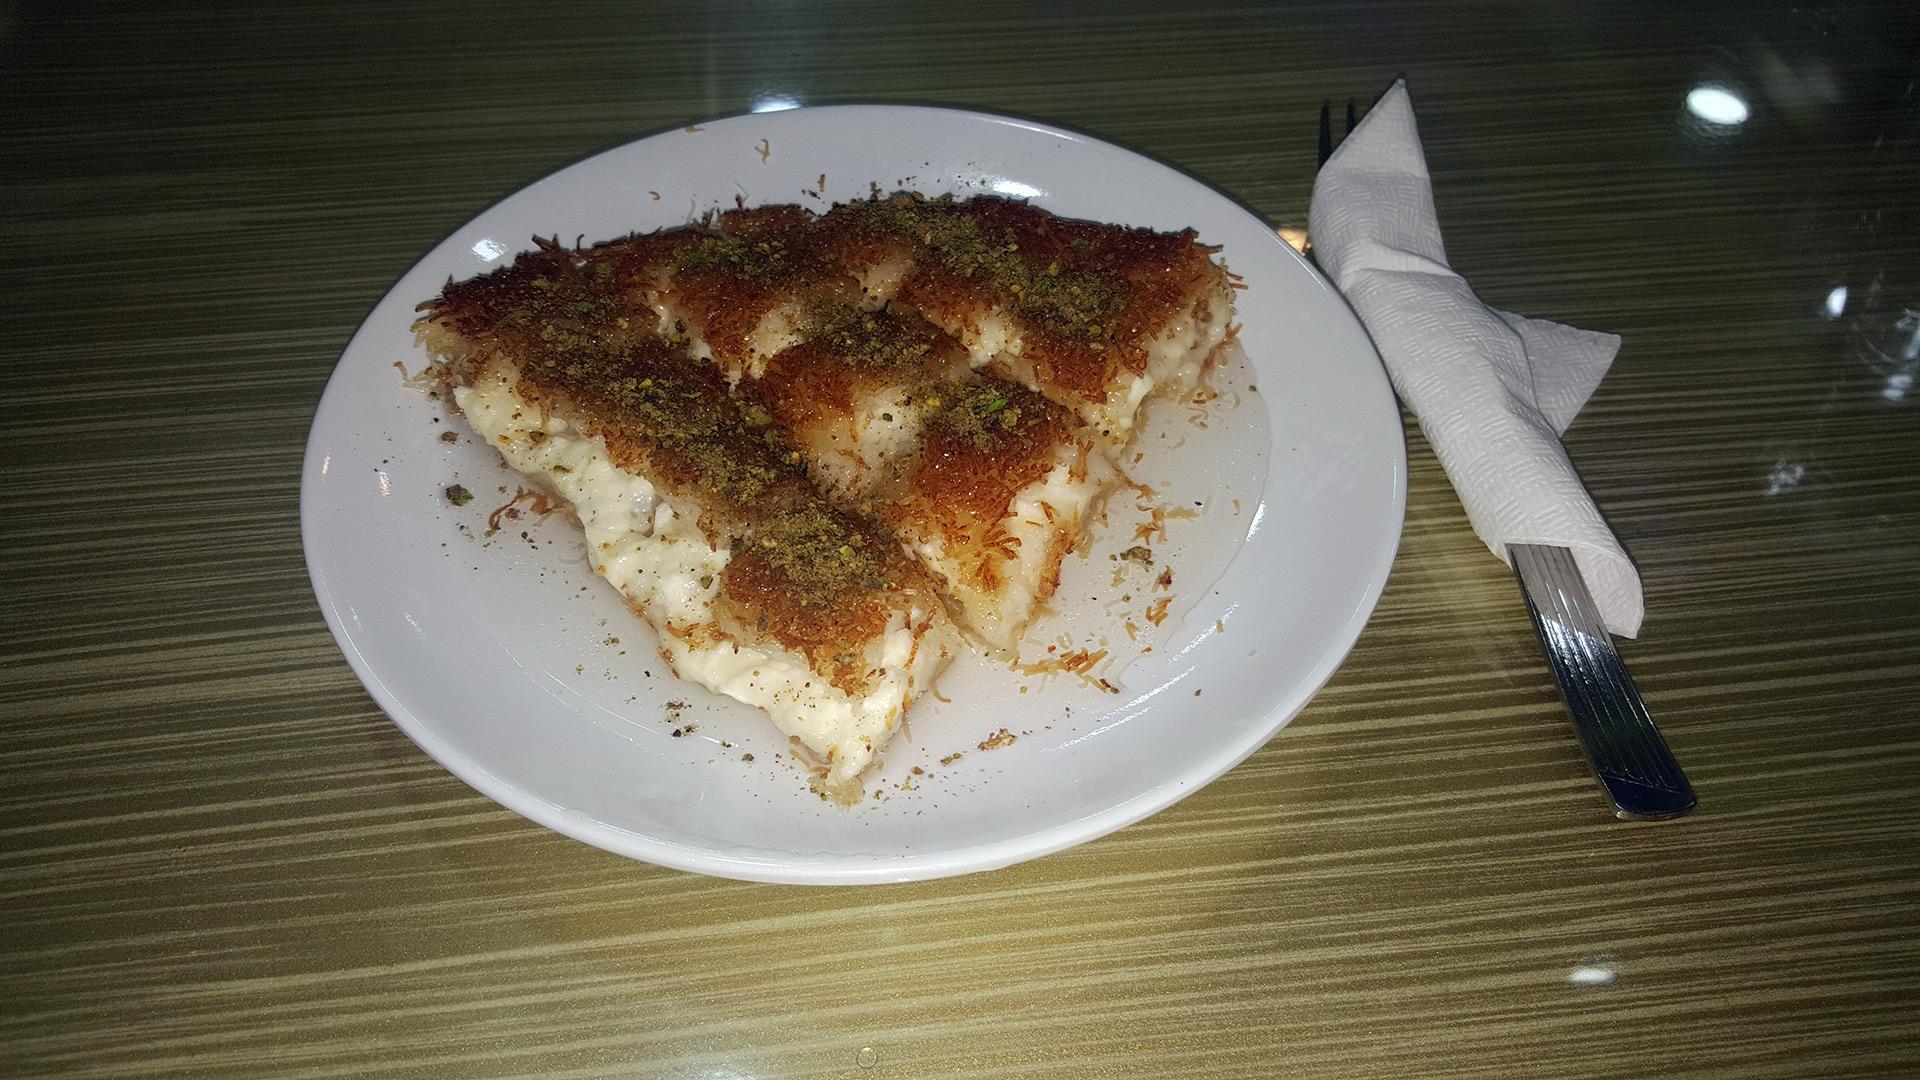 Künefe: popular Turkish dessert which originate from Palestine